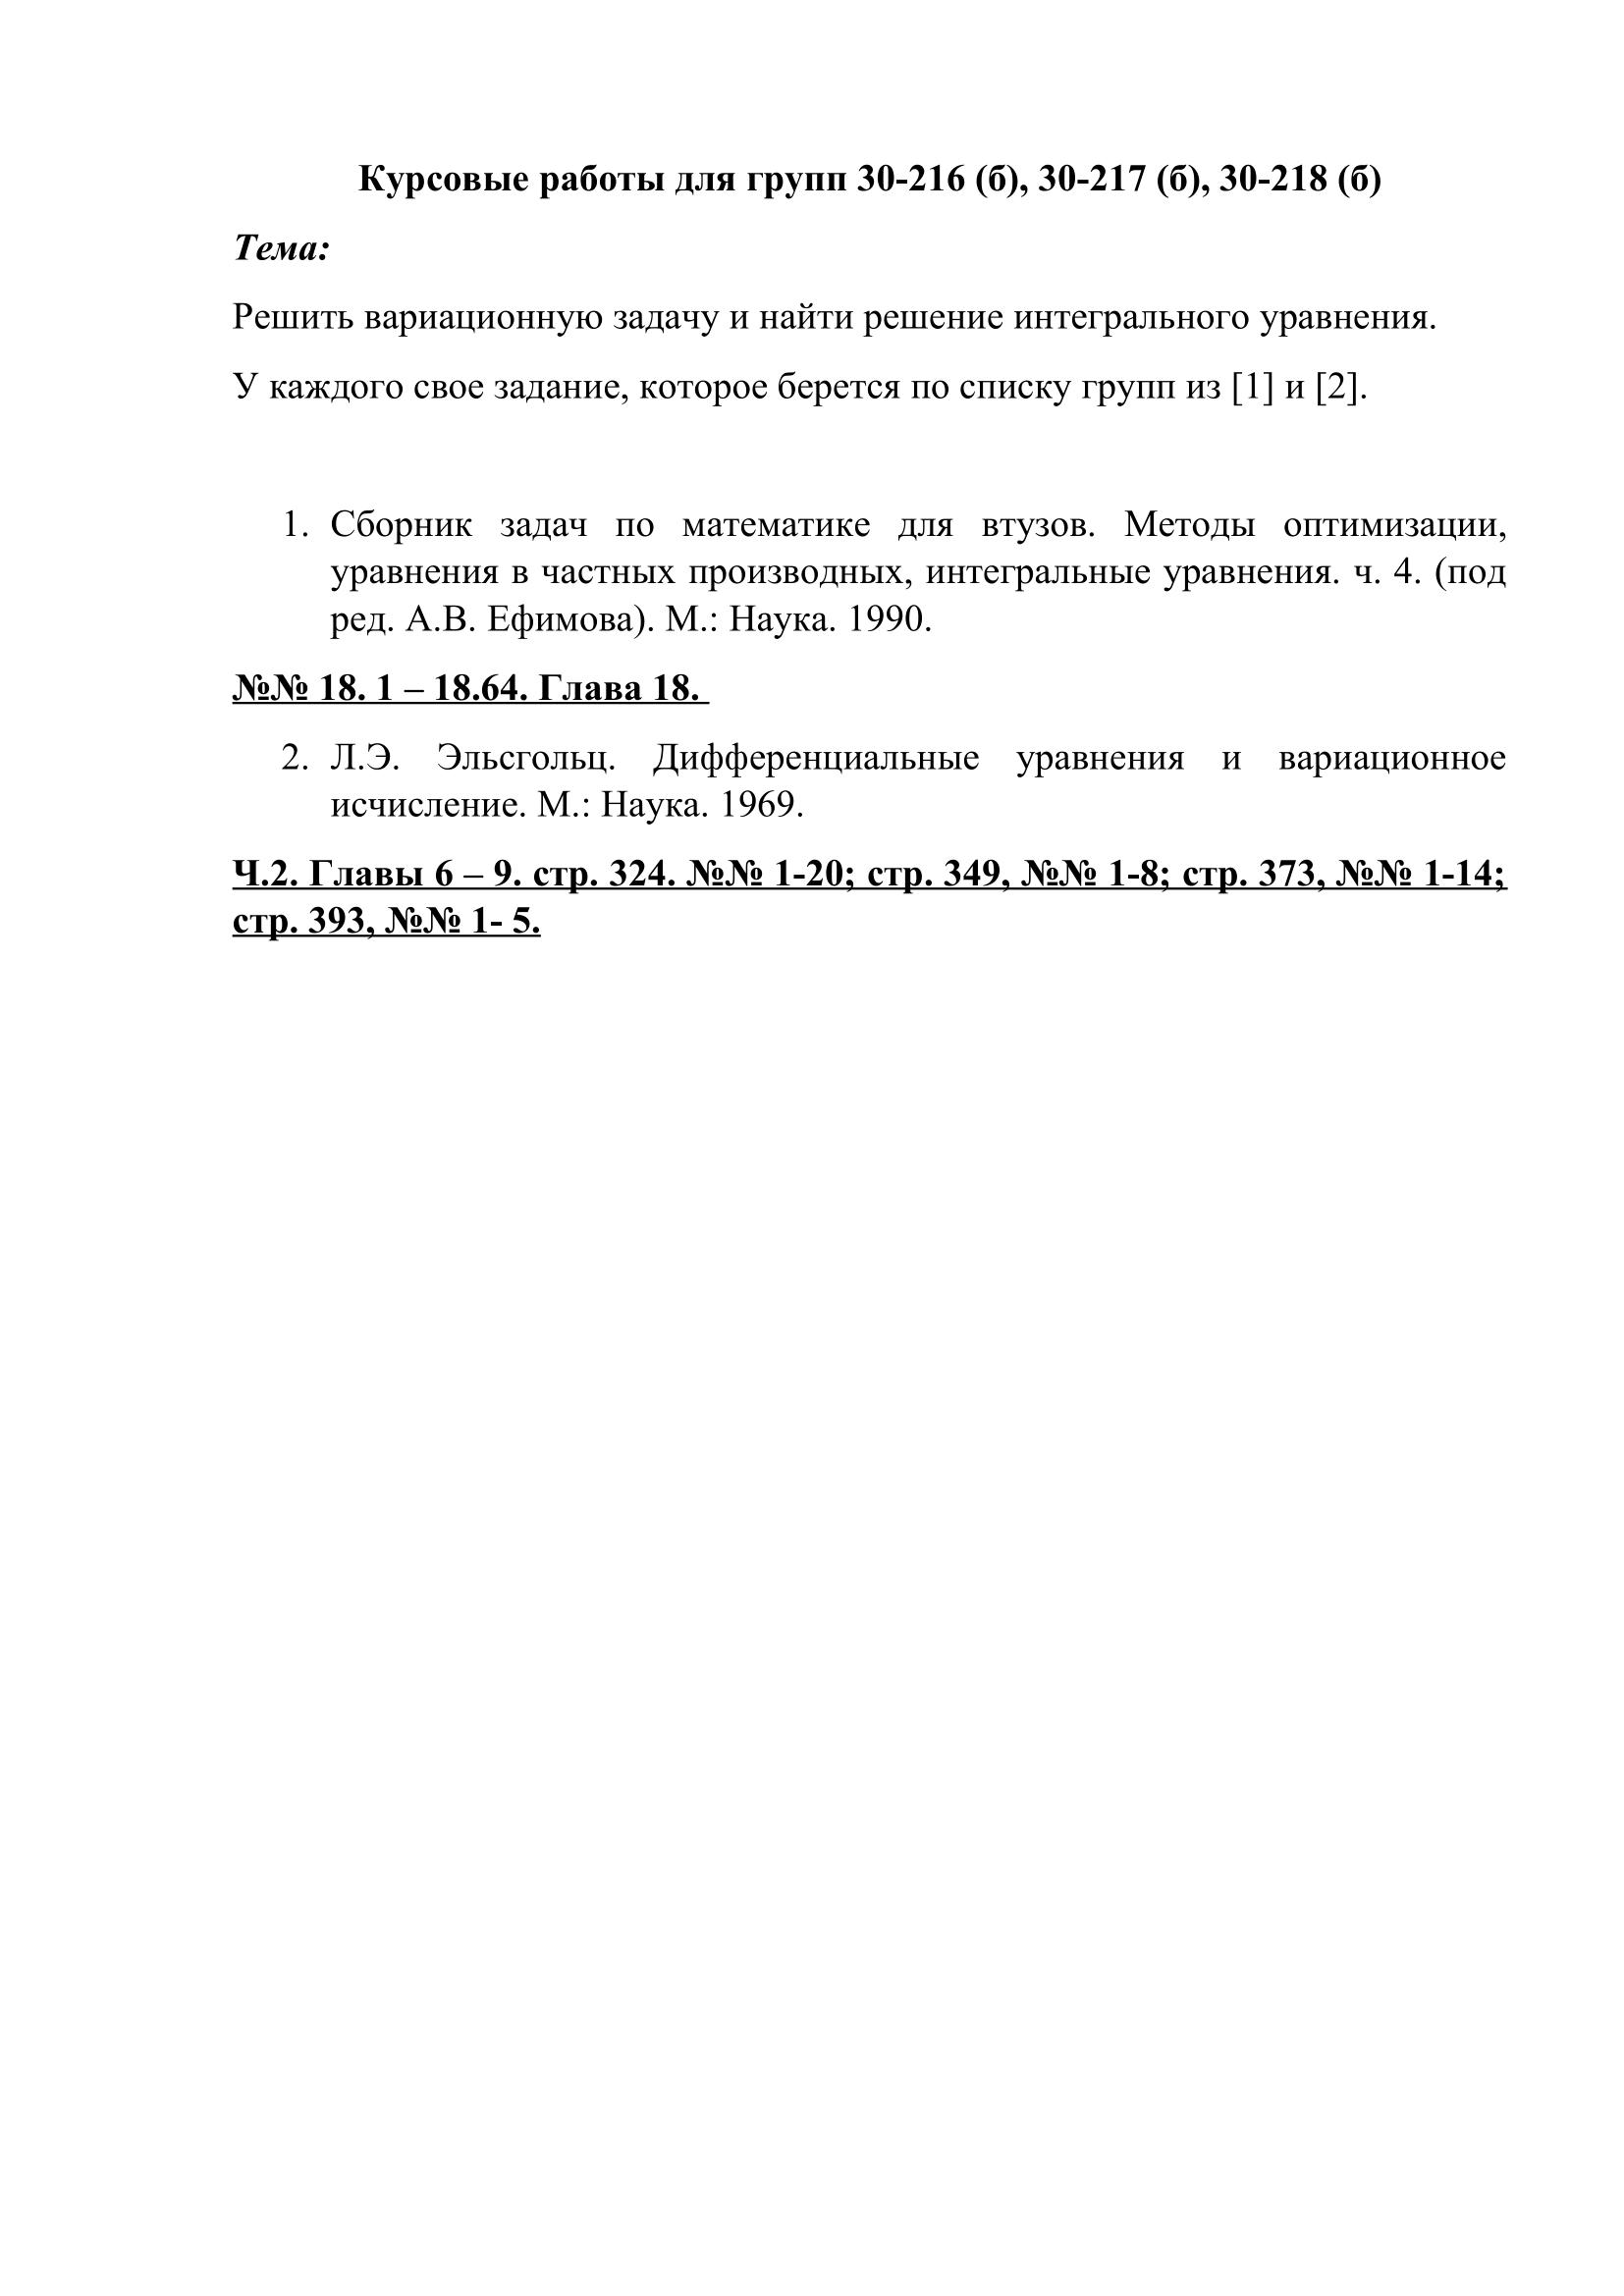 Основы функционального анализа и вариационное исчисление